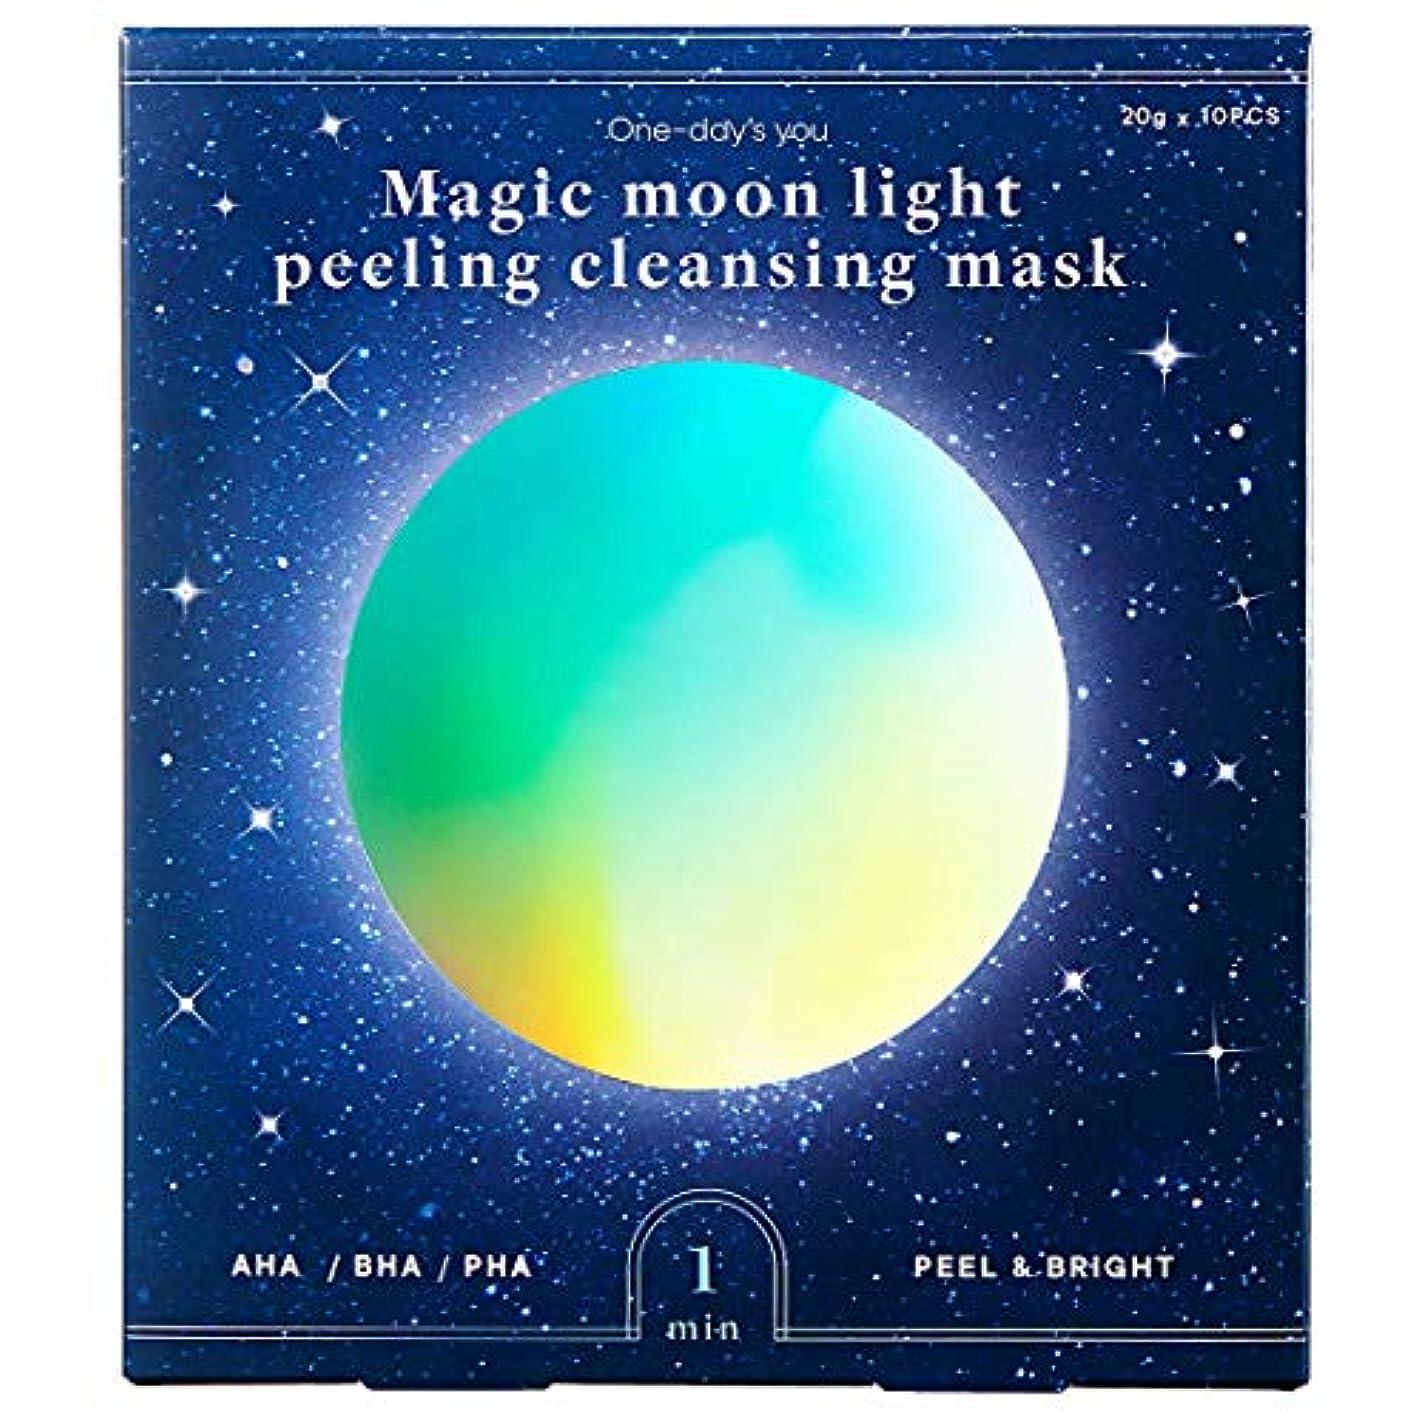 とは異なり遠近法義務付けられたOne day's you [ワンデイズユー ] マジック ムーンライト ピーリング クレンジング マスク/Magic Moonlight Peeling Cleansing Mask (20g*10ea) [並行輸入品]